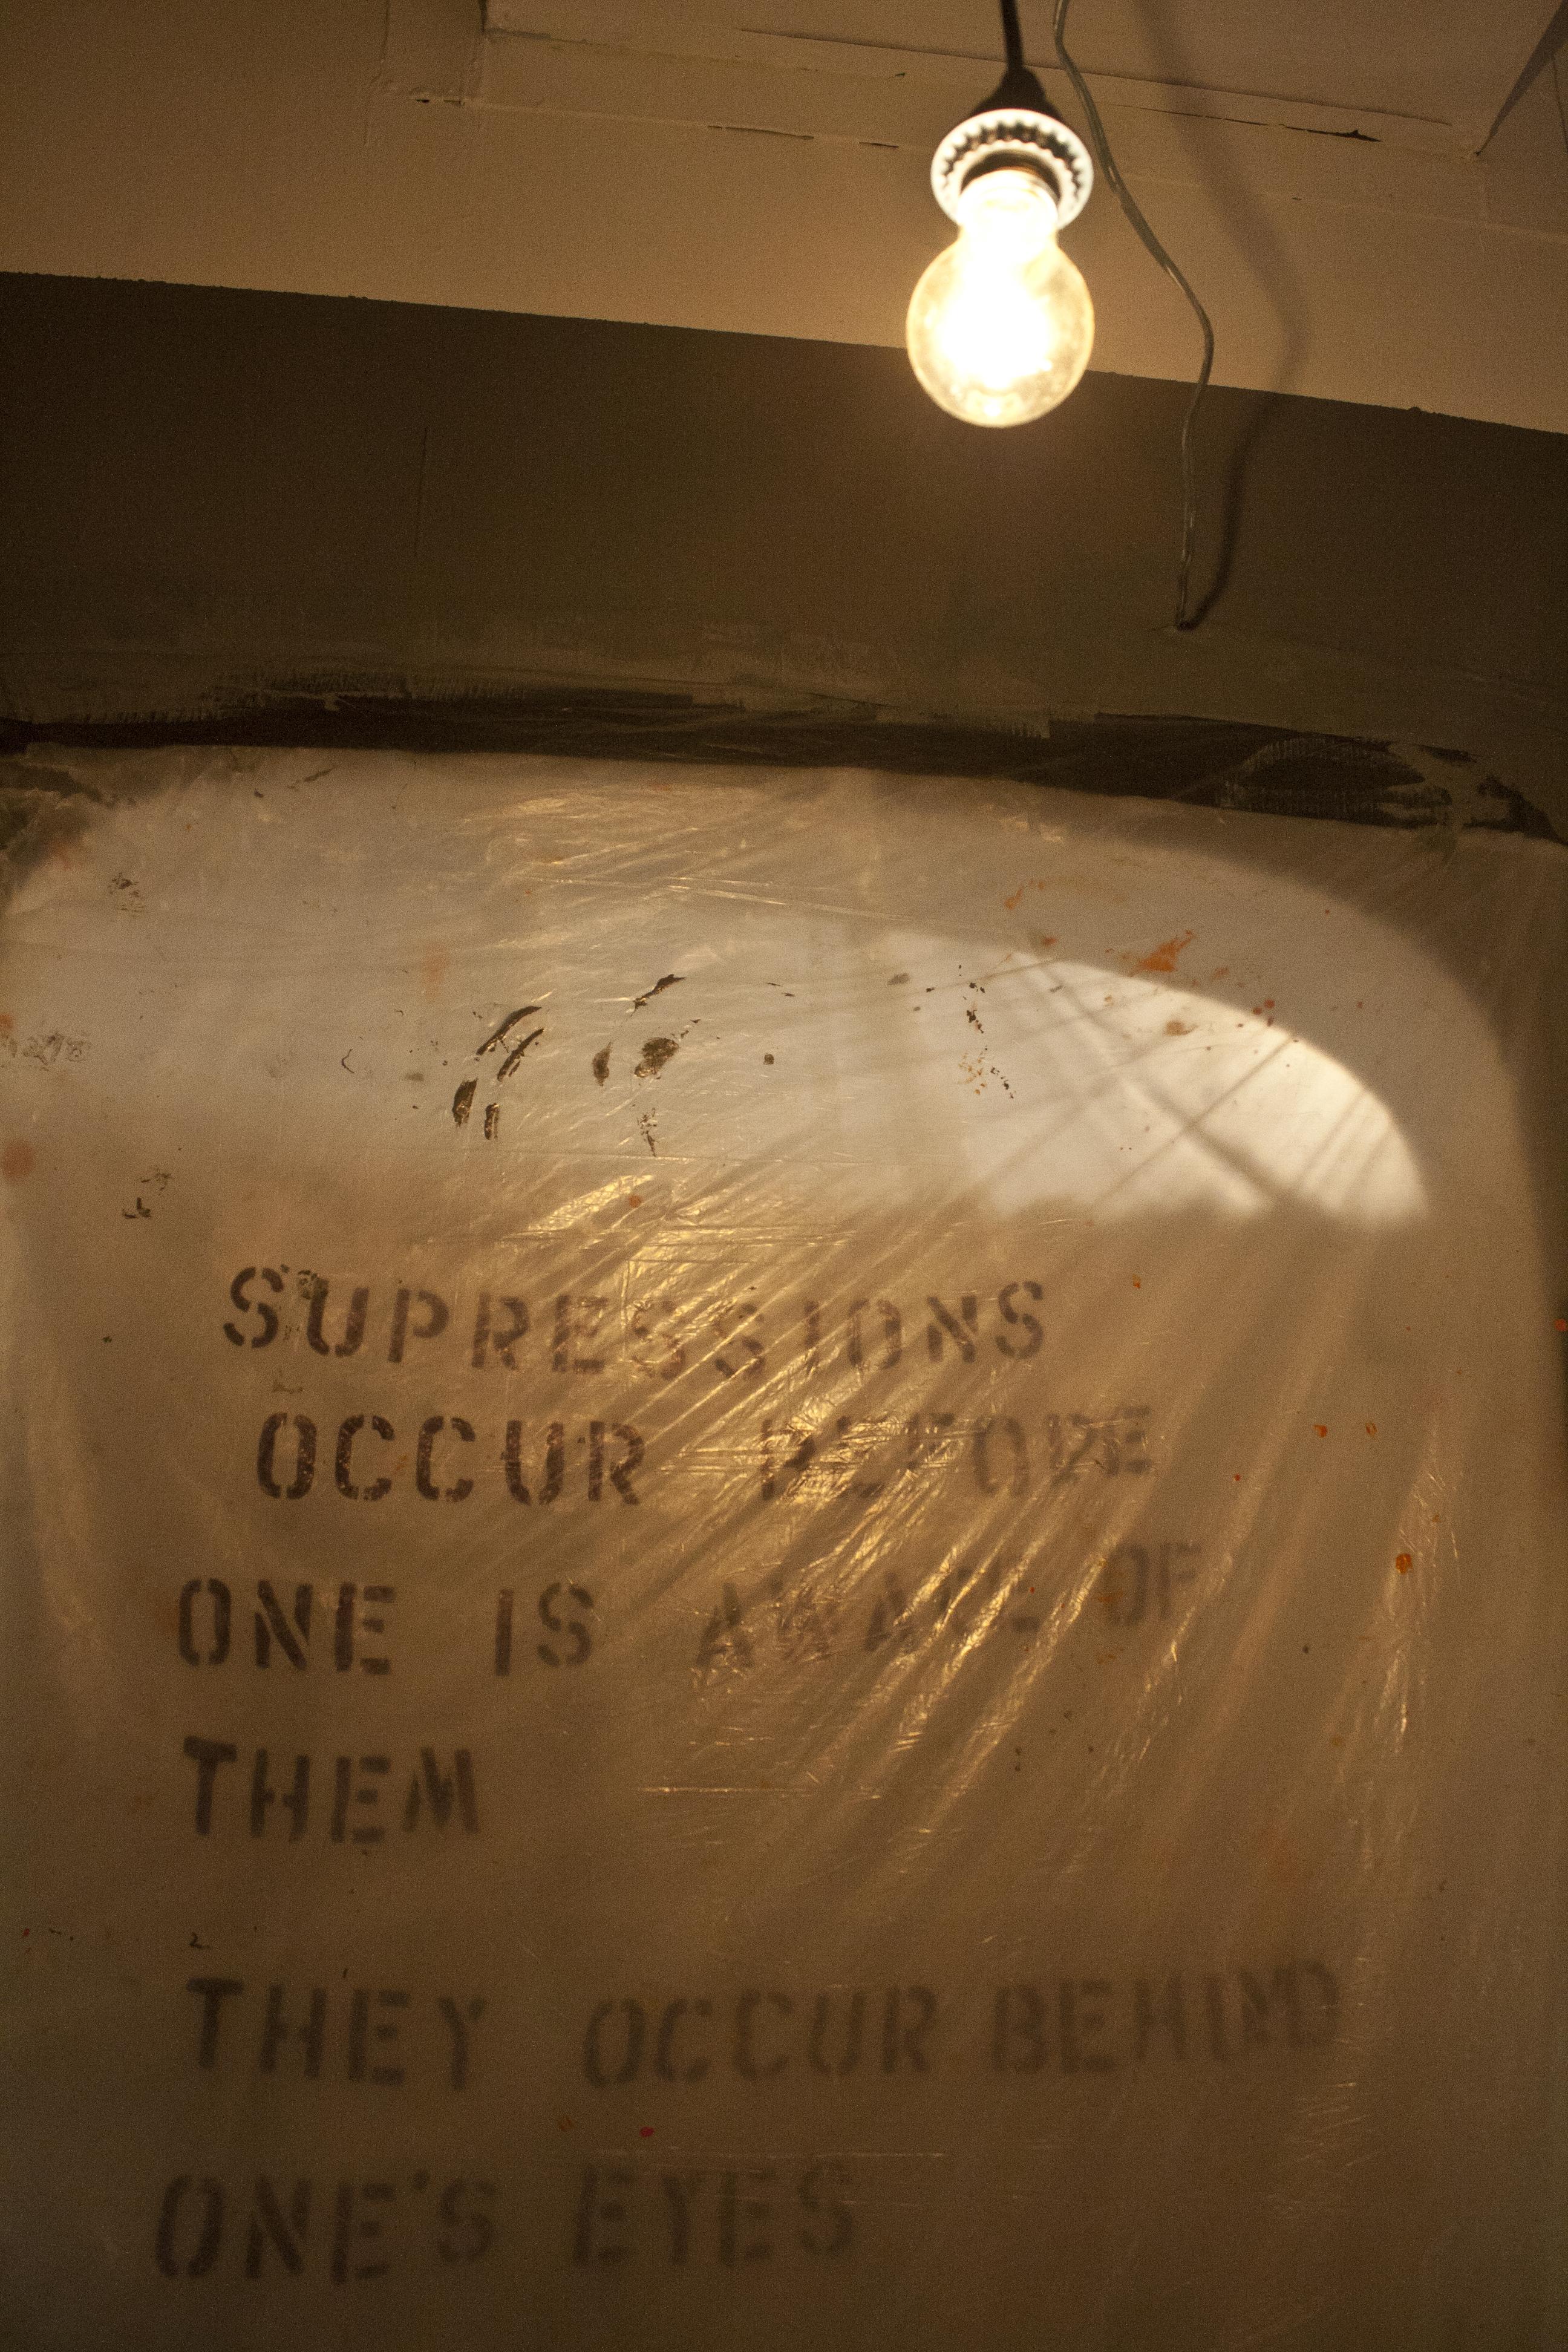 Ursula K. Le Guin's quote #7